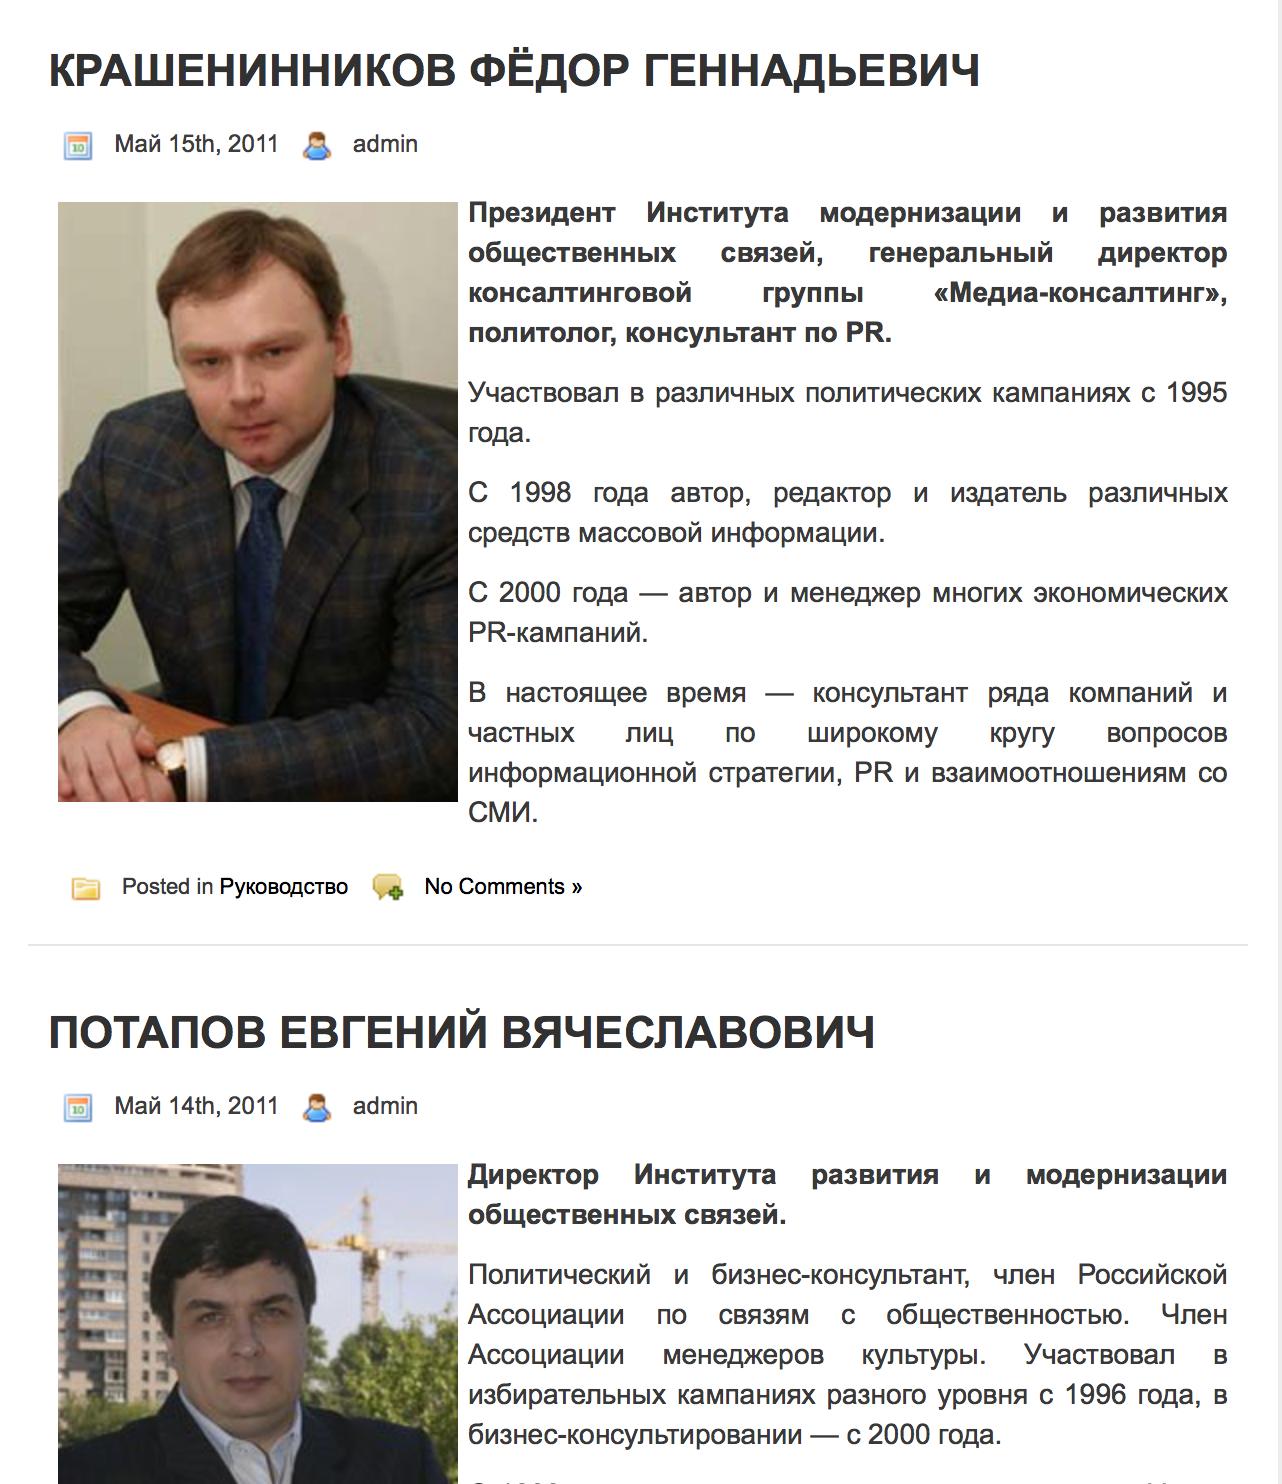 скриншот руководства ИРМОС, сделан 17 июня 2017